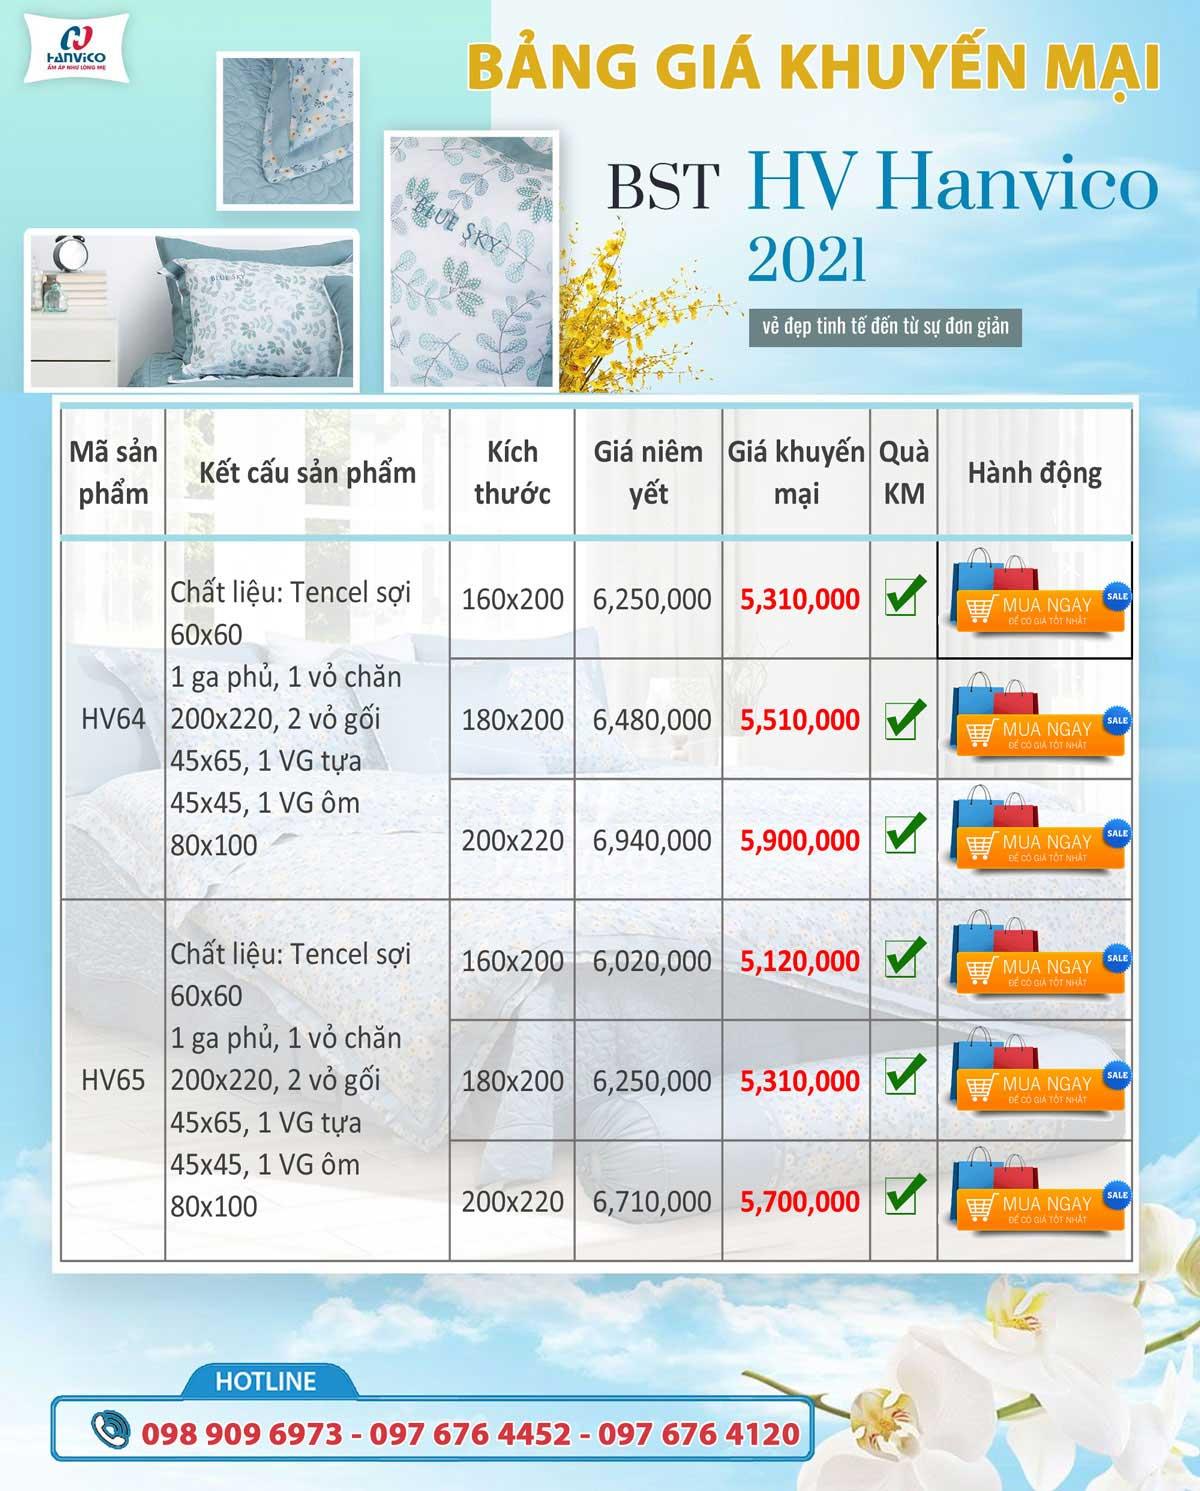 Bộ chăn ga gối Hanvico Bluesky dòng HV bộ sưu tập 2021 - 2022